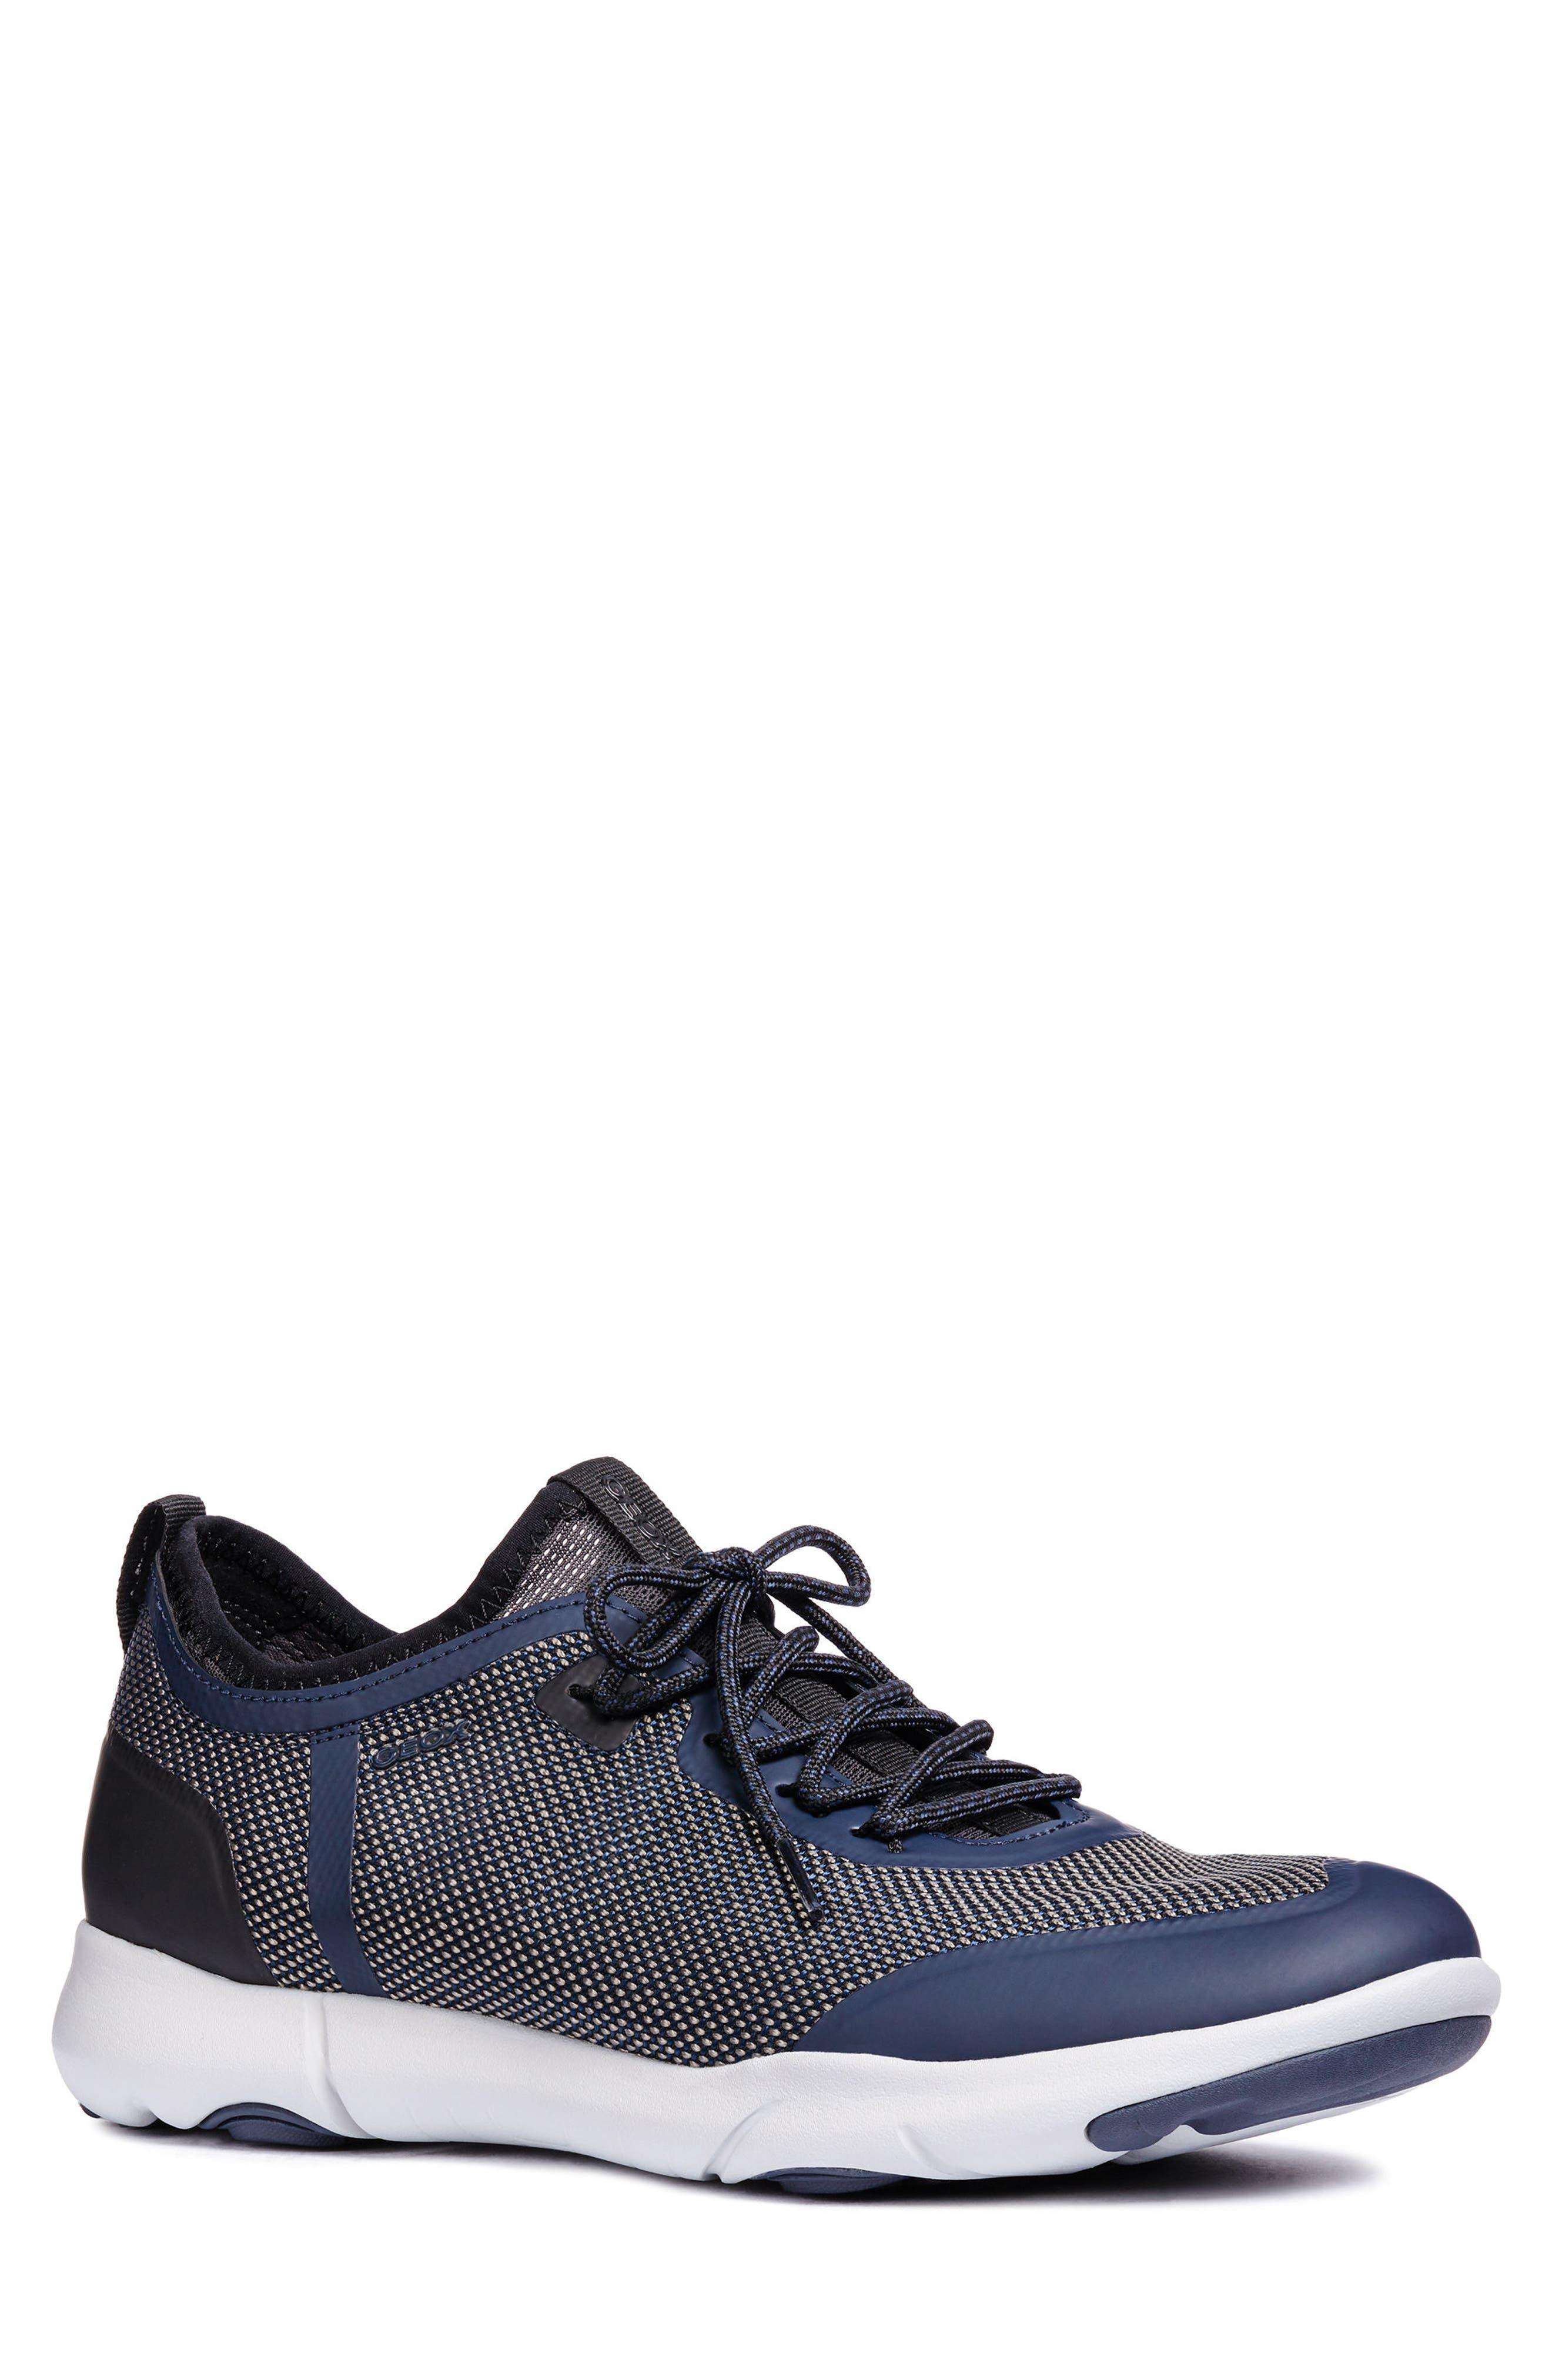 Geox Nebula X 3 Low Top Sneaker, Blue